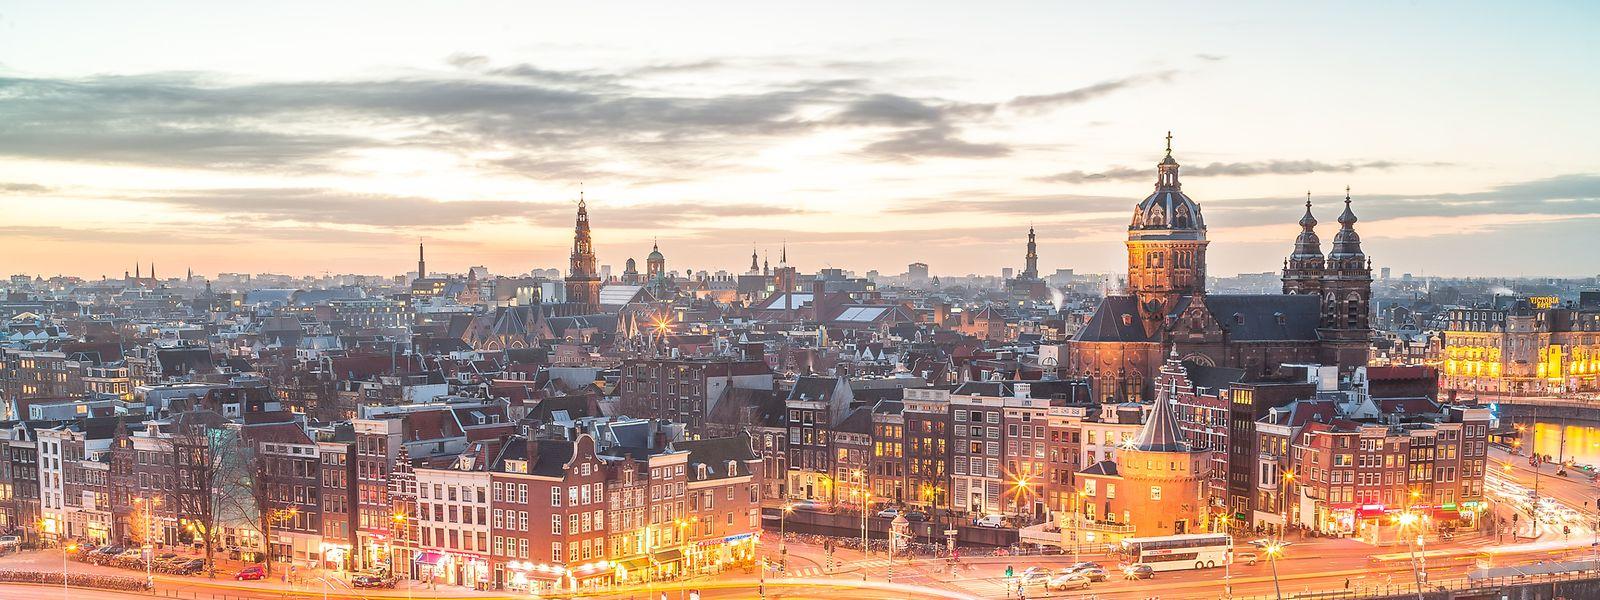 Le Brexit est un coup de pouce inestimable pour l'économie néerlandaise, affectée comme le reste du monde par la crise du coronavirus.